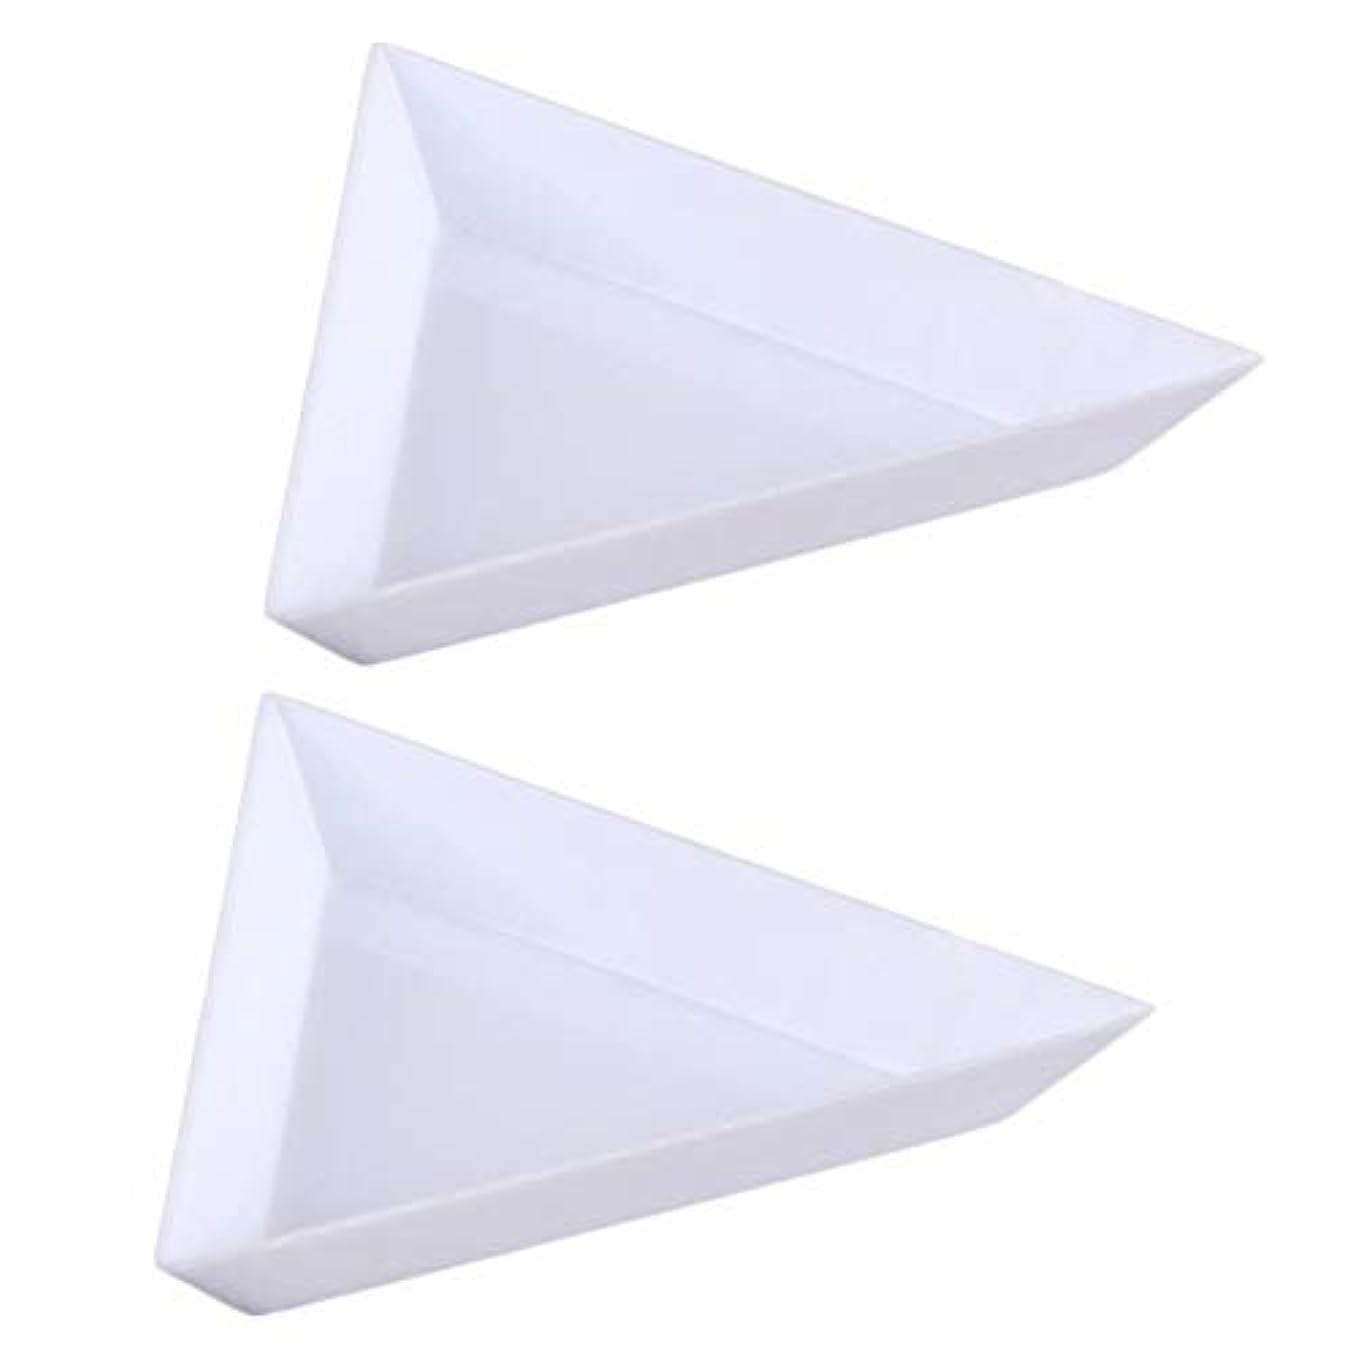 委員会最初に沼地CUHAWUDBA 10個三角コーナープラスチックラインストーンビーズ 結晶 ネイルアートソーティングトレイアクセサリー白 DiyネイルアートデコレーションDotting収納トレイ オーガニゼーションに最適